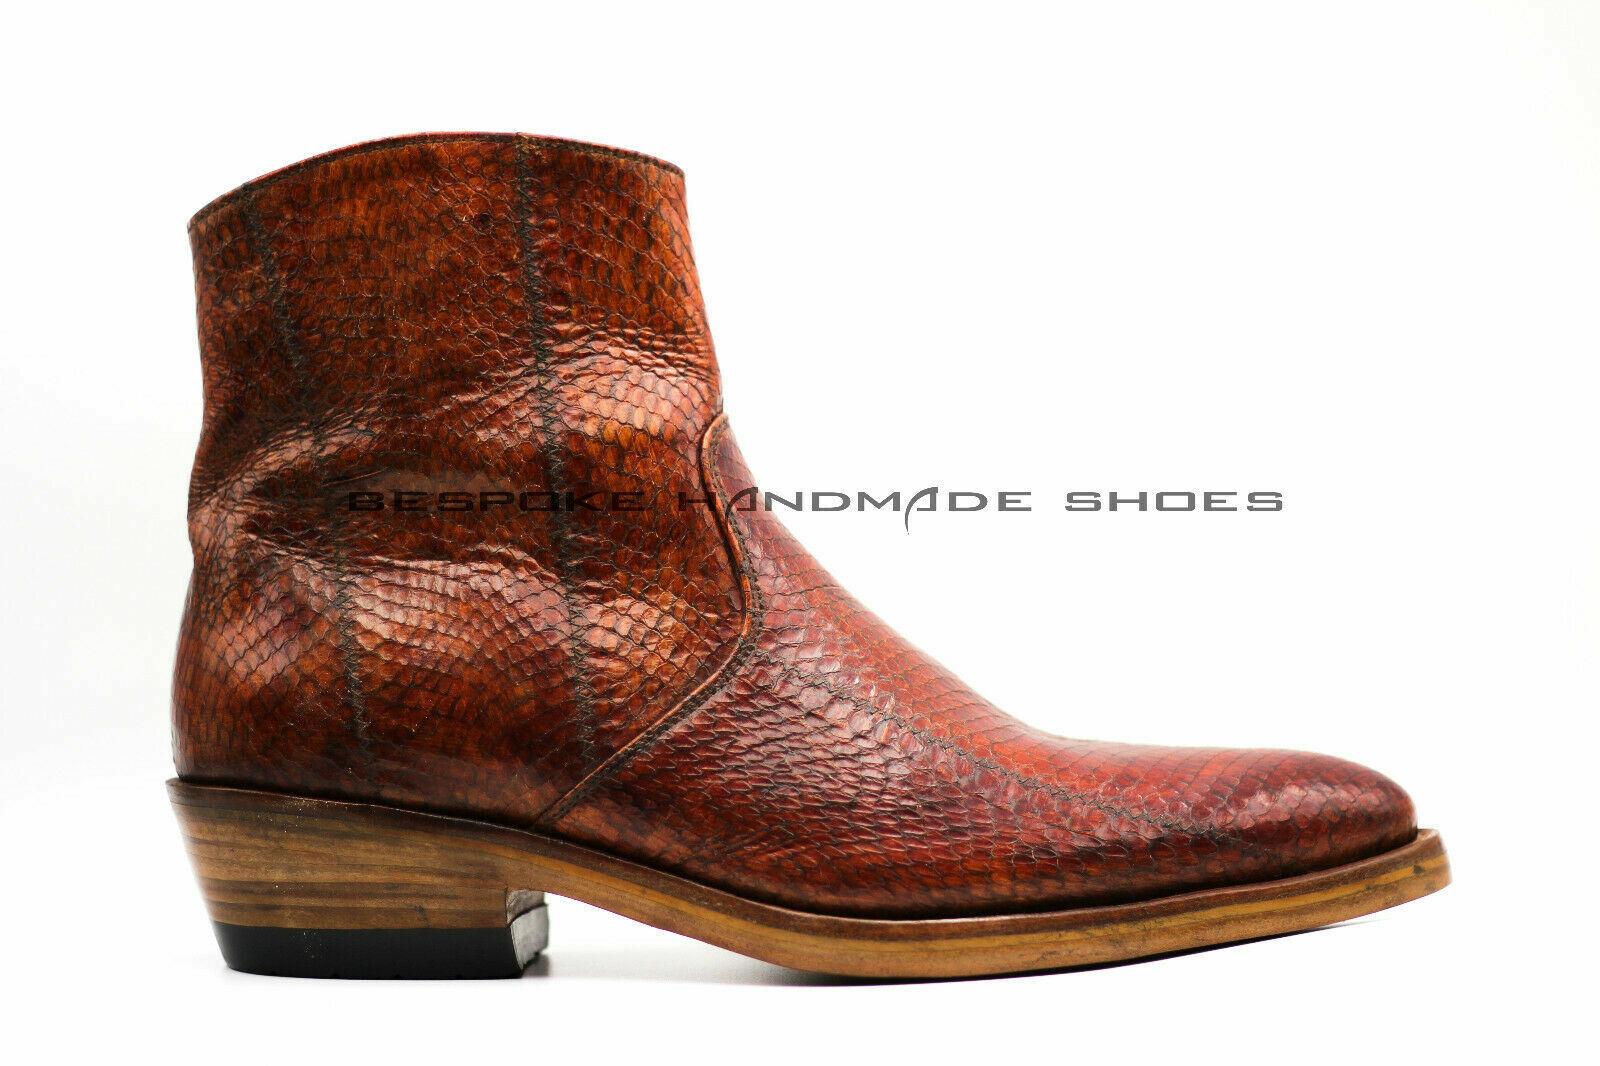 Para Hombre a Medida Hecho a Mano botas Con Cremallera Real De Piel De Cobra Serpiente Genuino Cuero